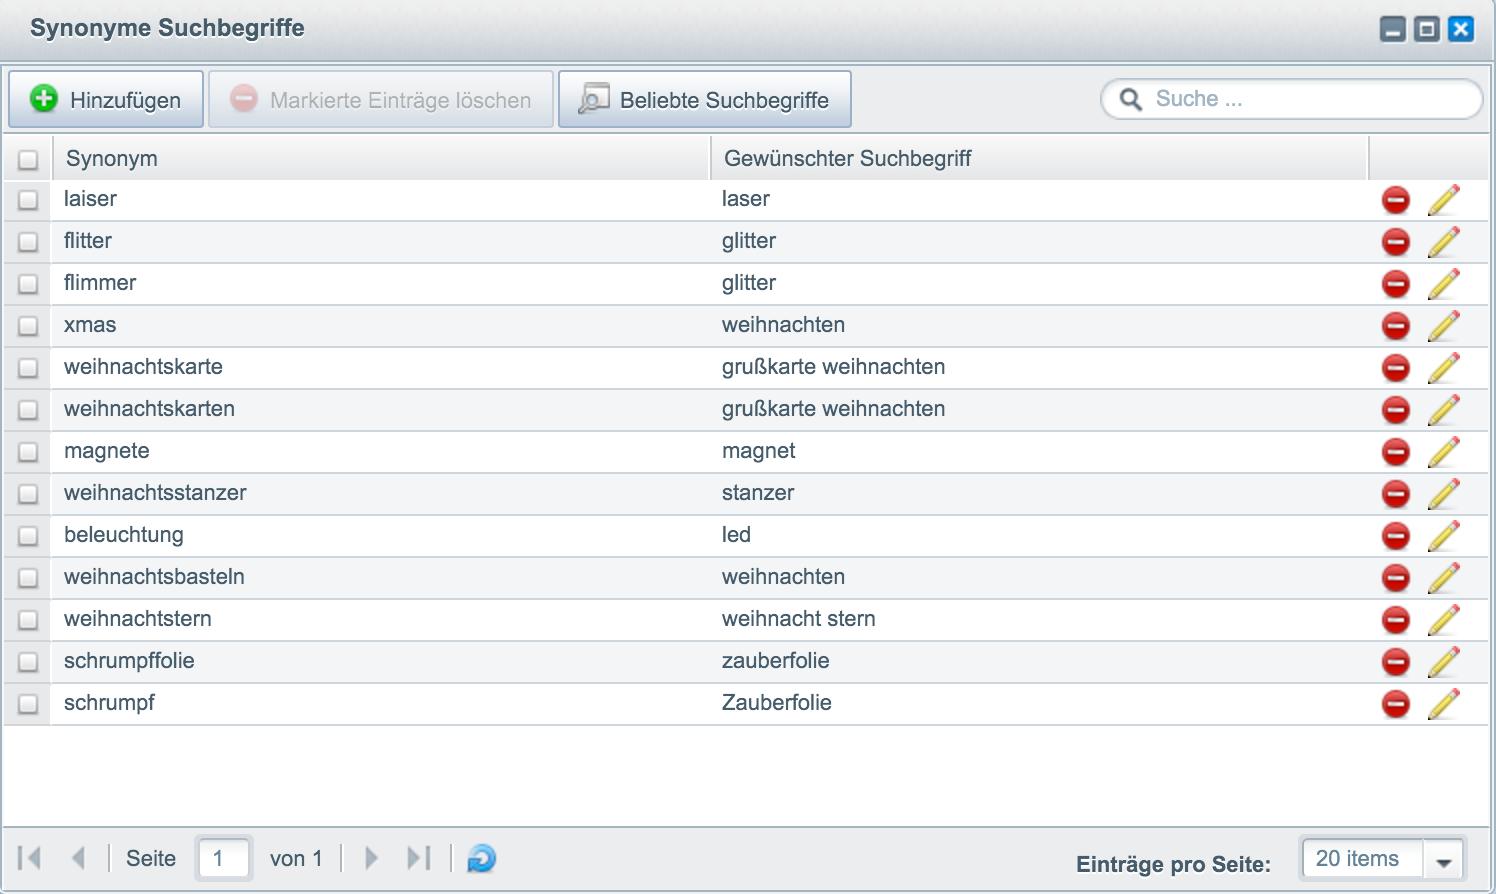 Synonym Suche Suche Storefront Detailanpassungen